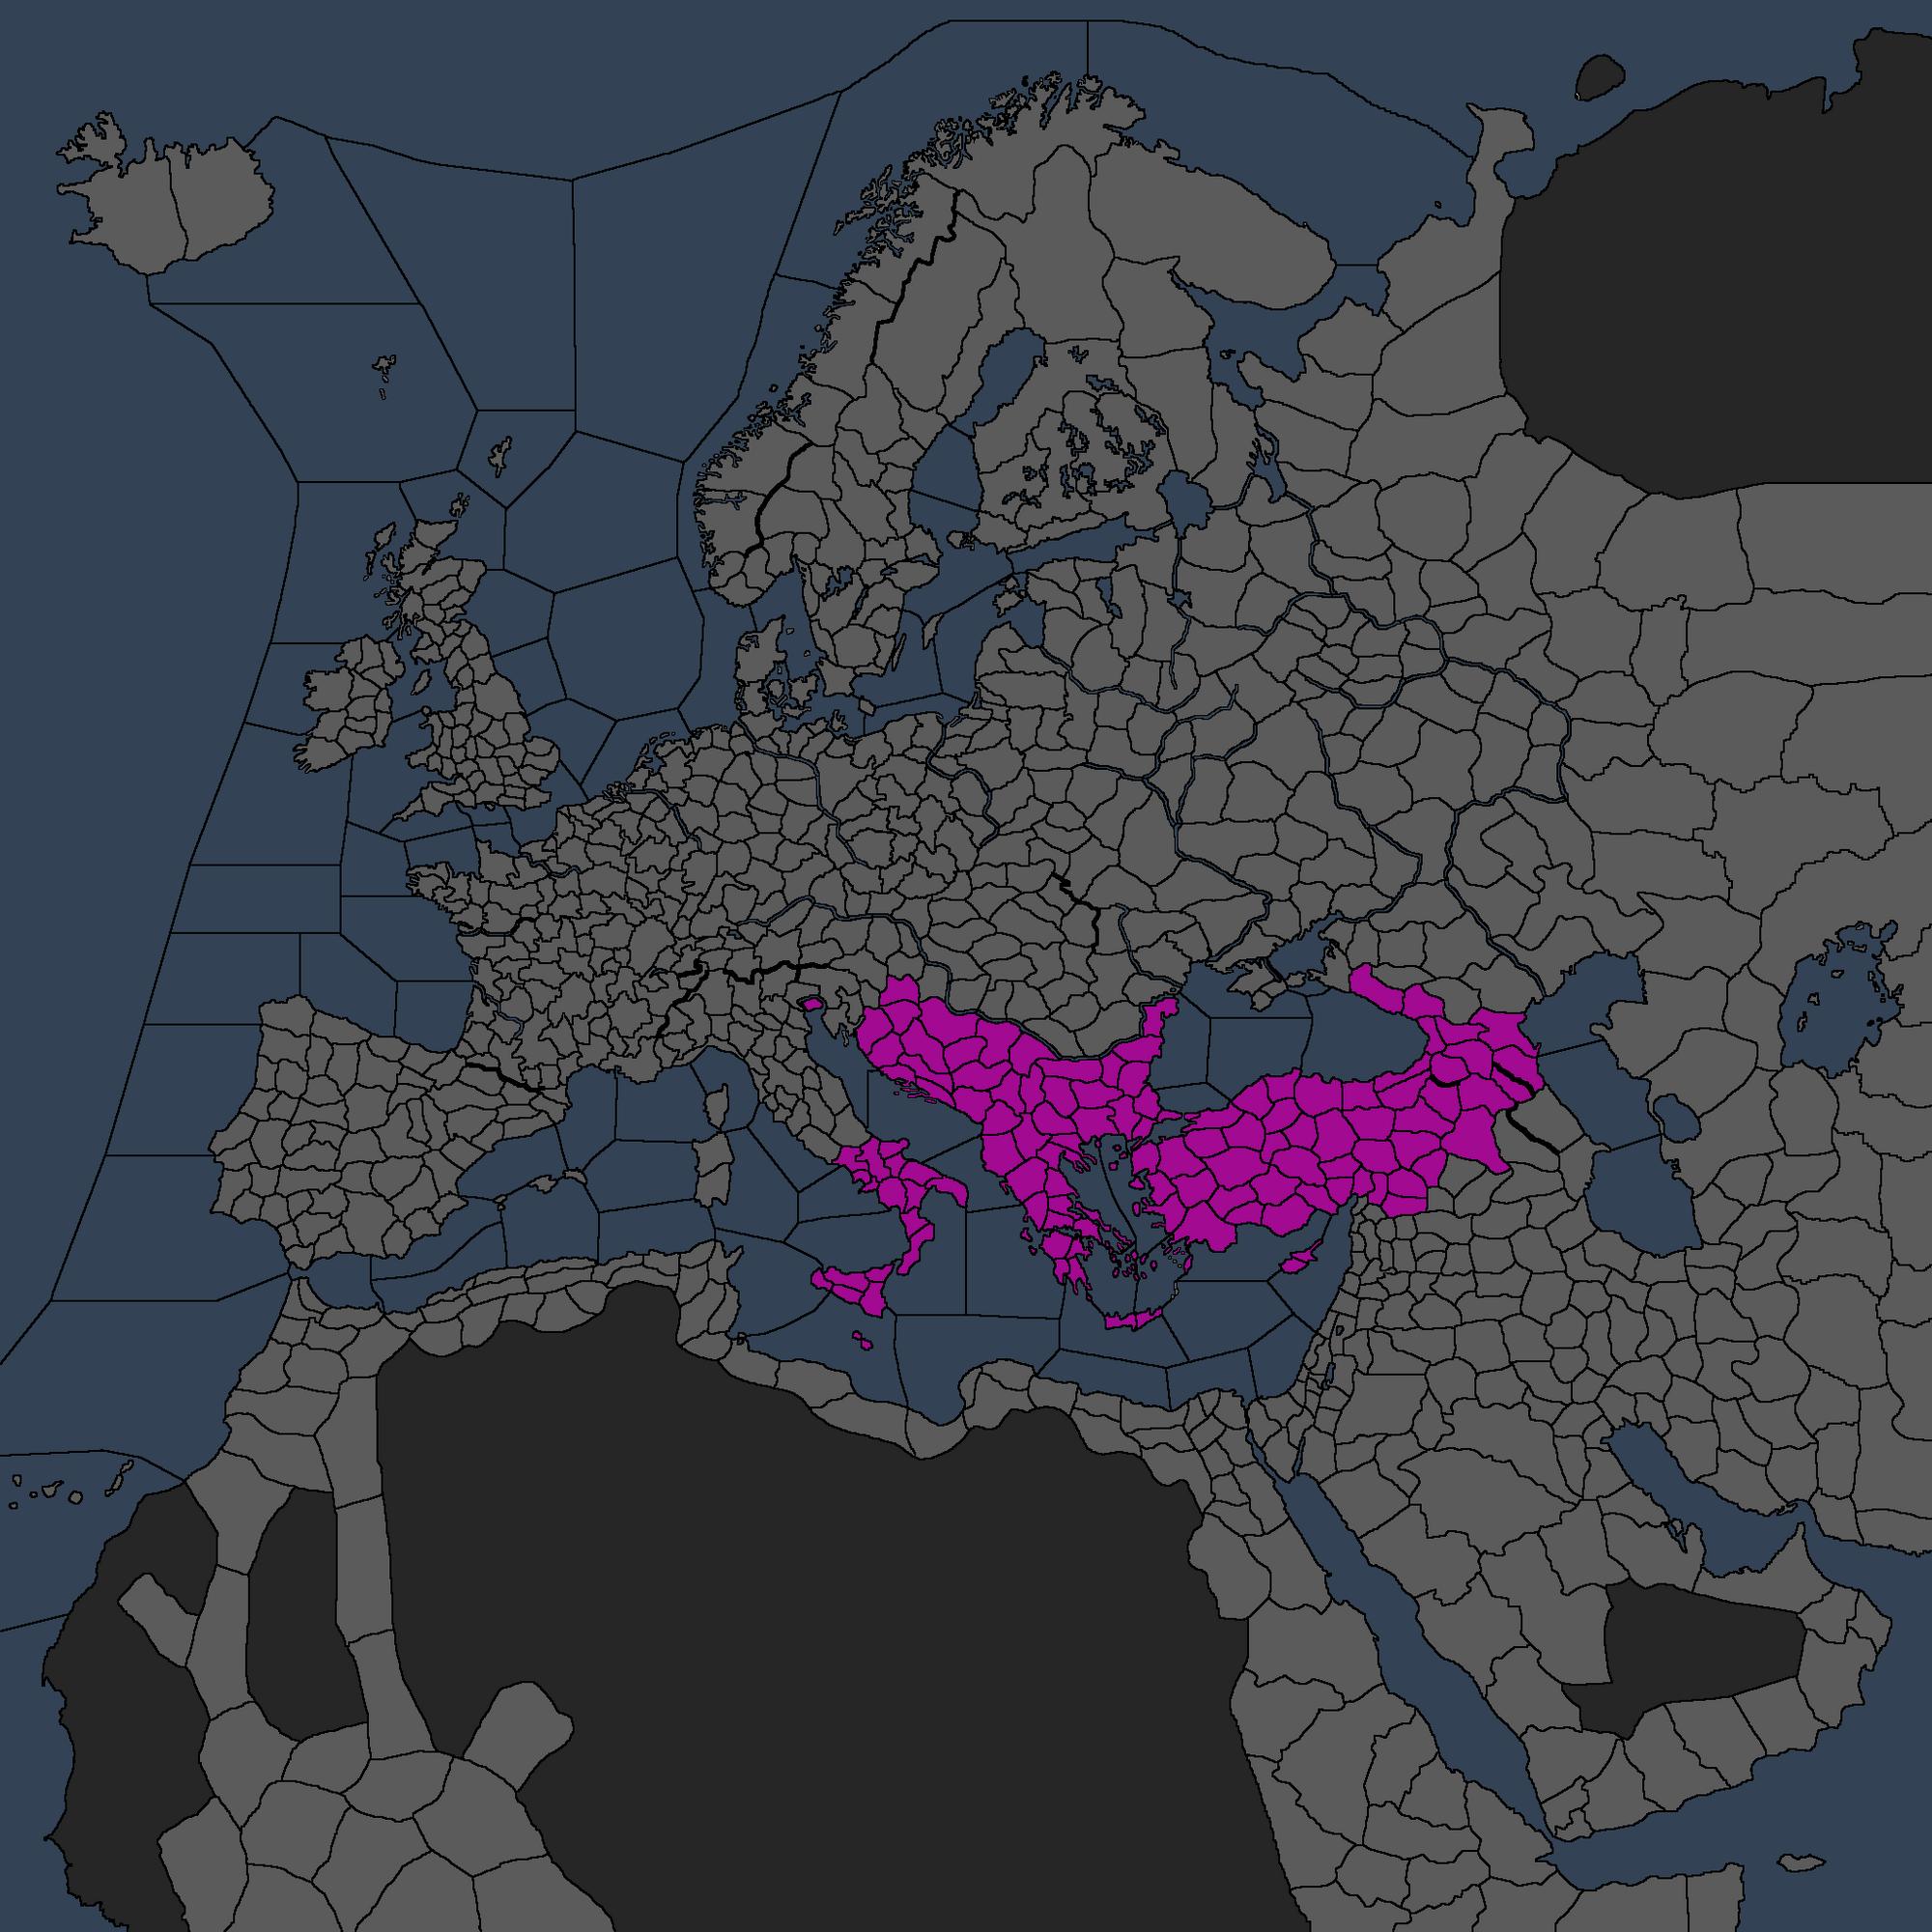 Byzantine Empire | Crusader Kings II Wiki | FANDOM powered by Wikia